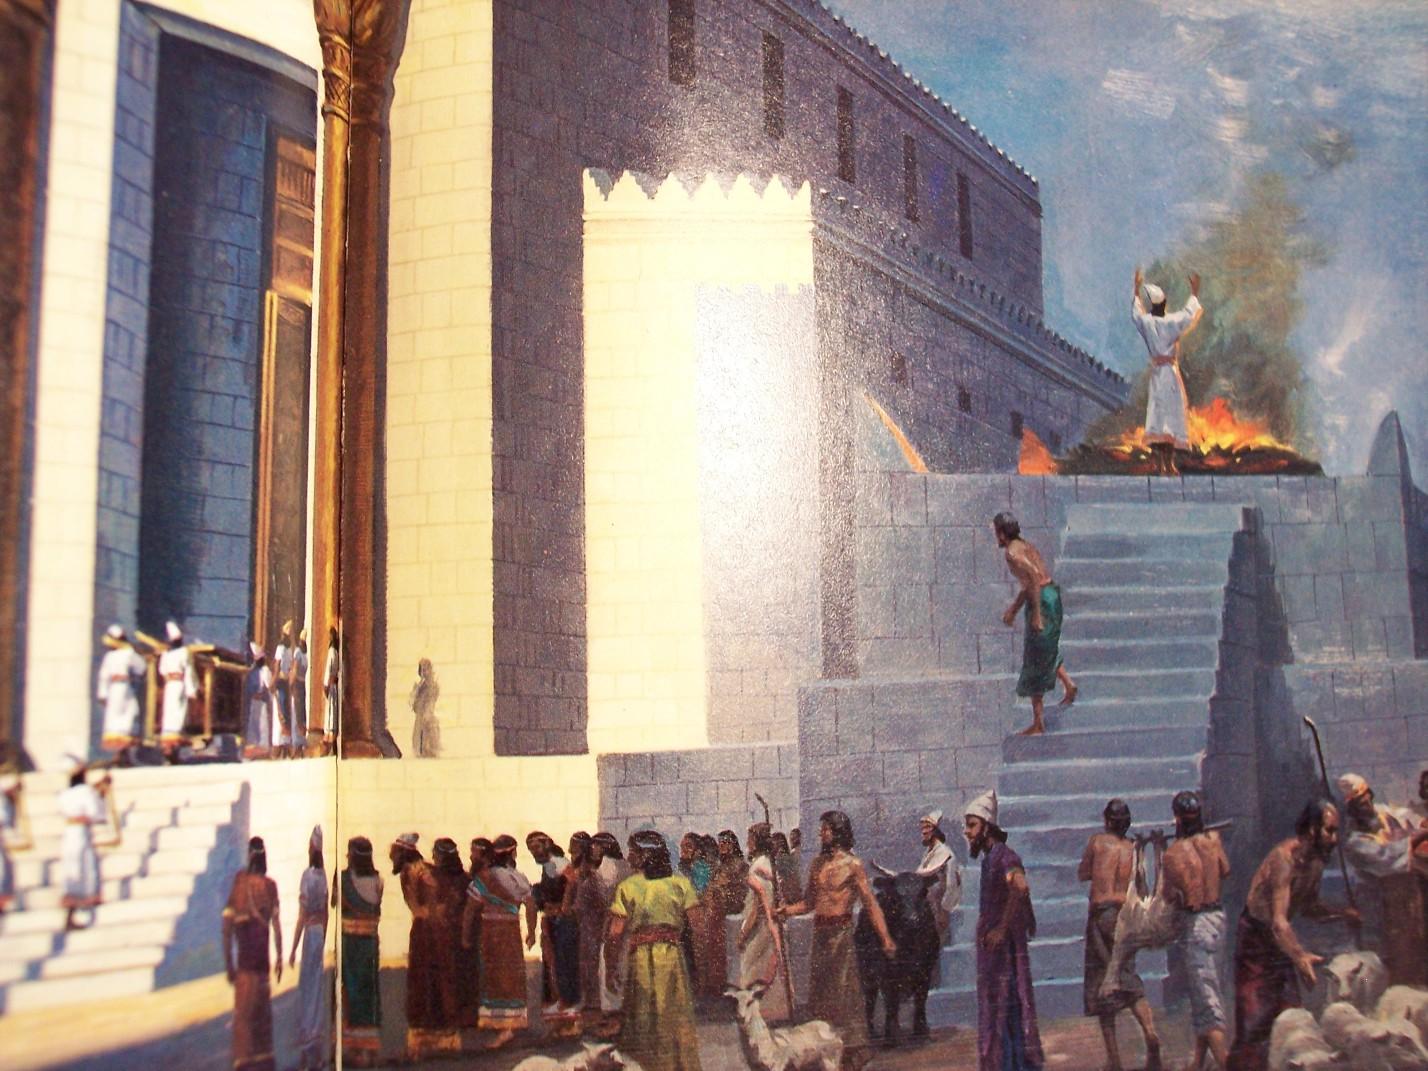 temple-in-israel.jpg